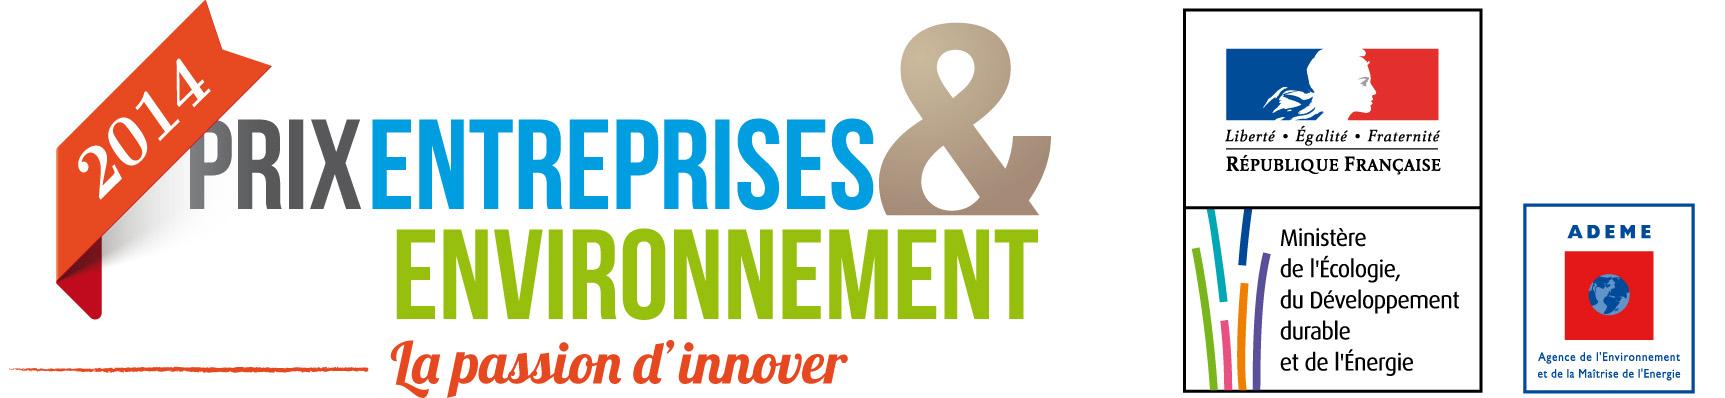 Logo Prix Entreprises et Environnement 2014